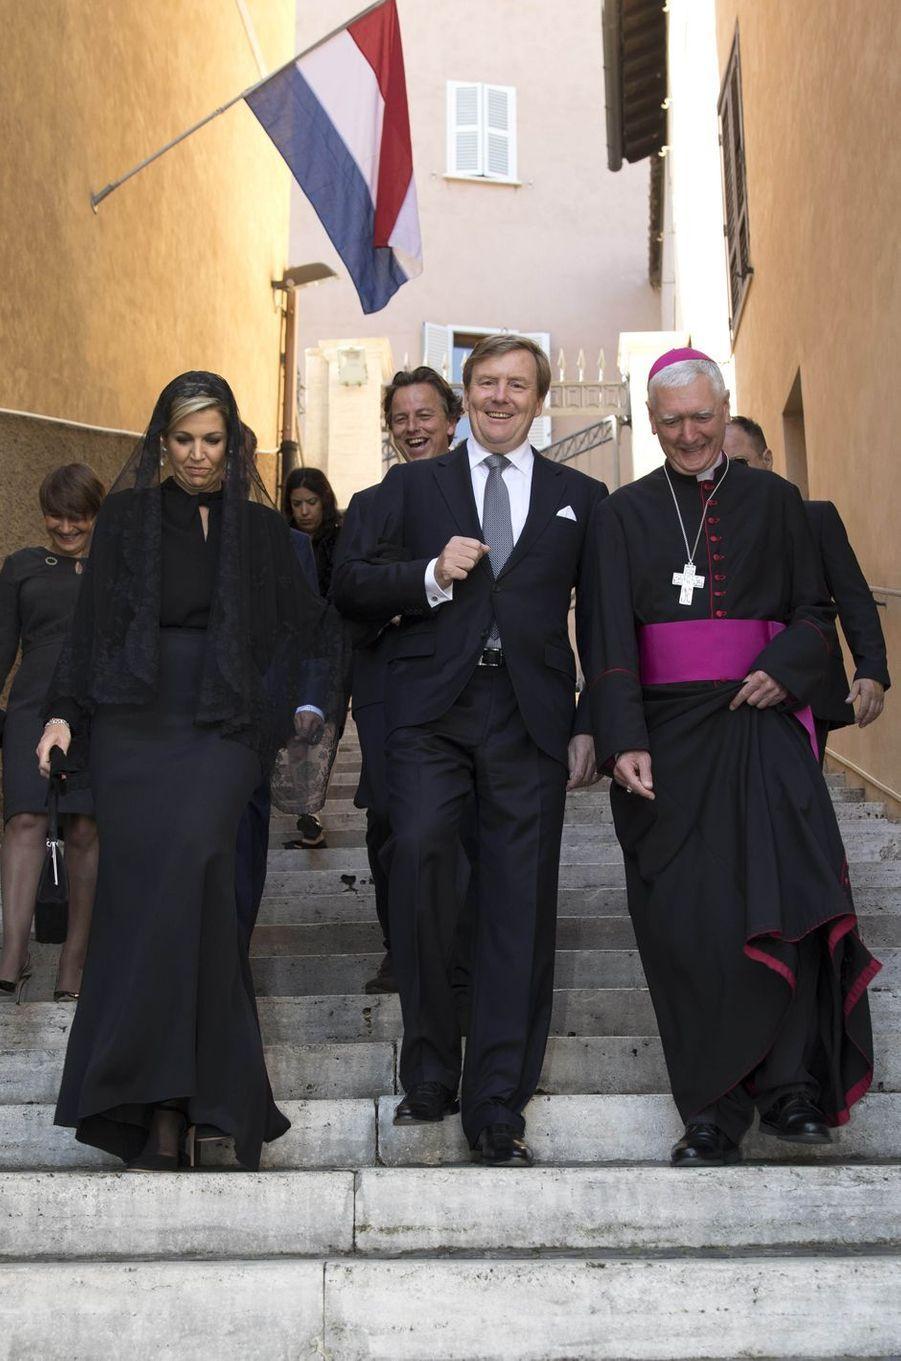 La reine Maxima et le roi Willem-Alexander des Pays-Bas au Vatican, le 22 juin 2017